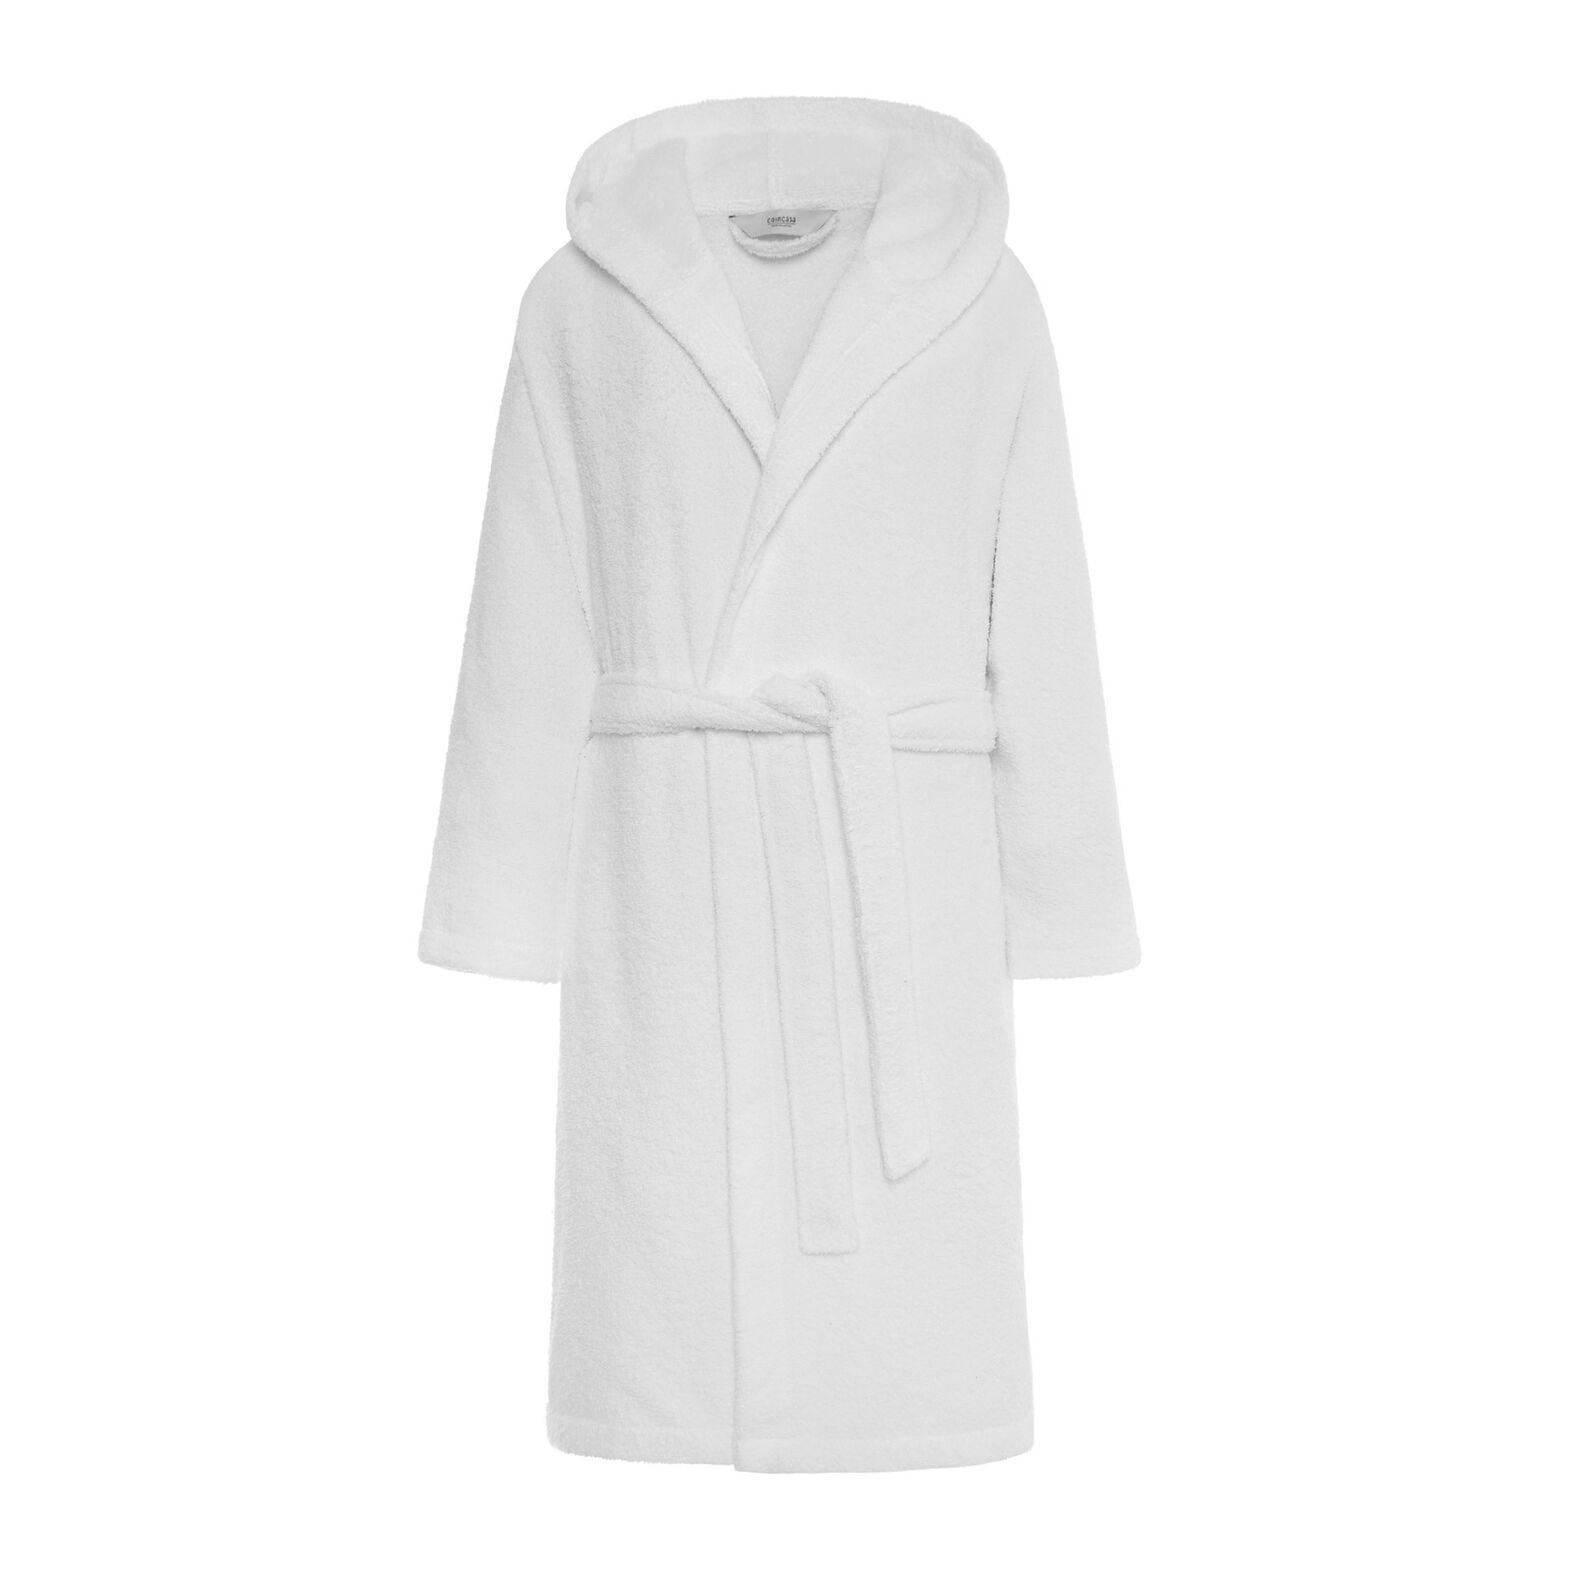 Solid colour cotton terry bathrobe